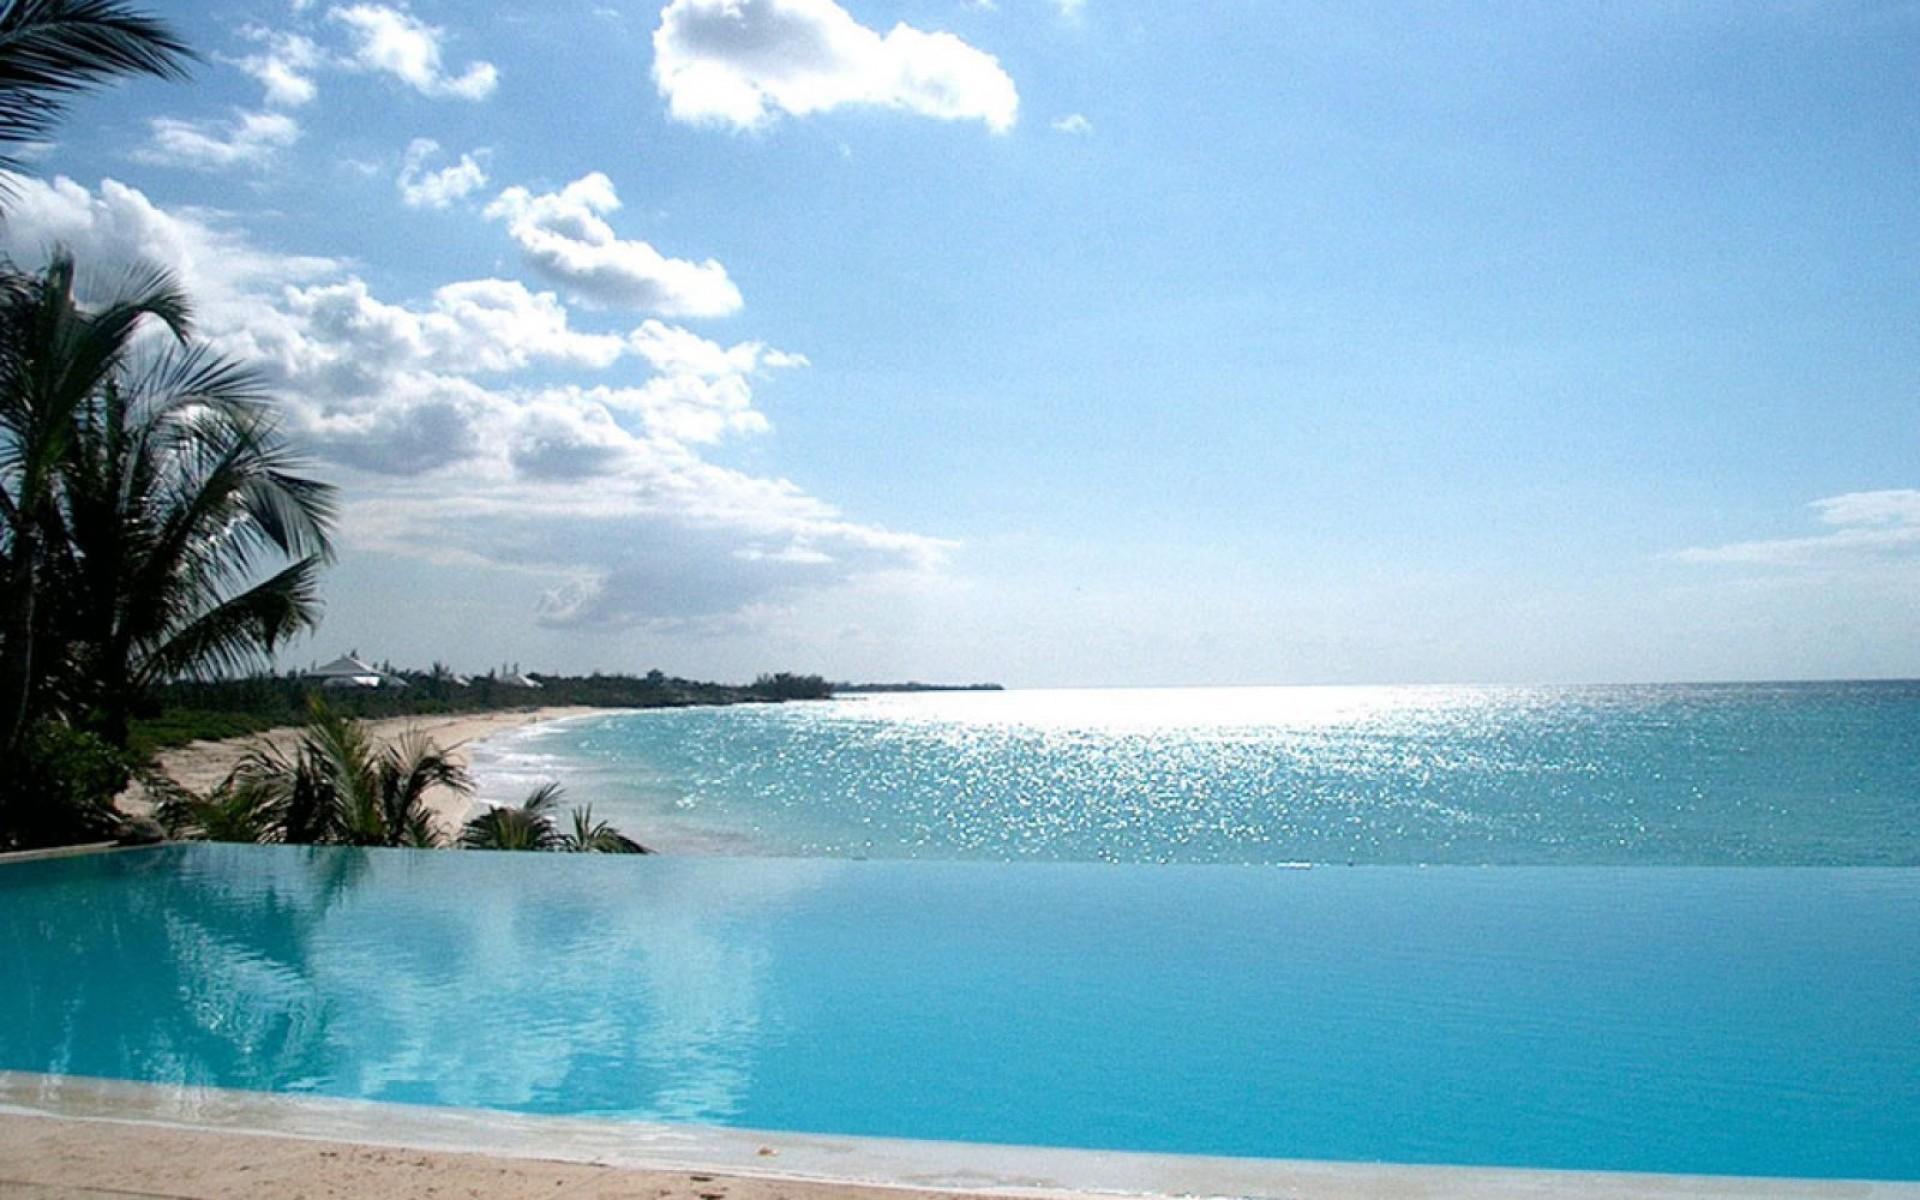 Bahamas Beach wallpaper – 1131653